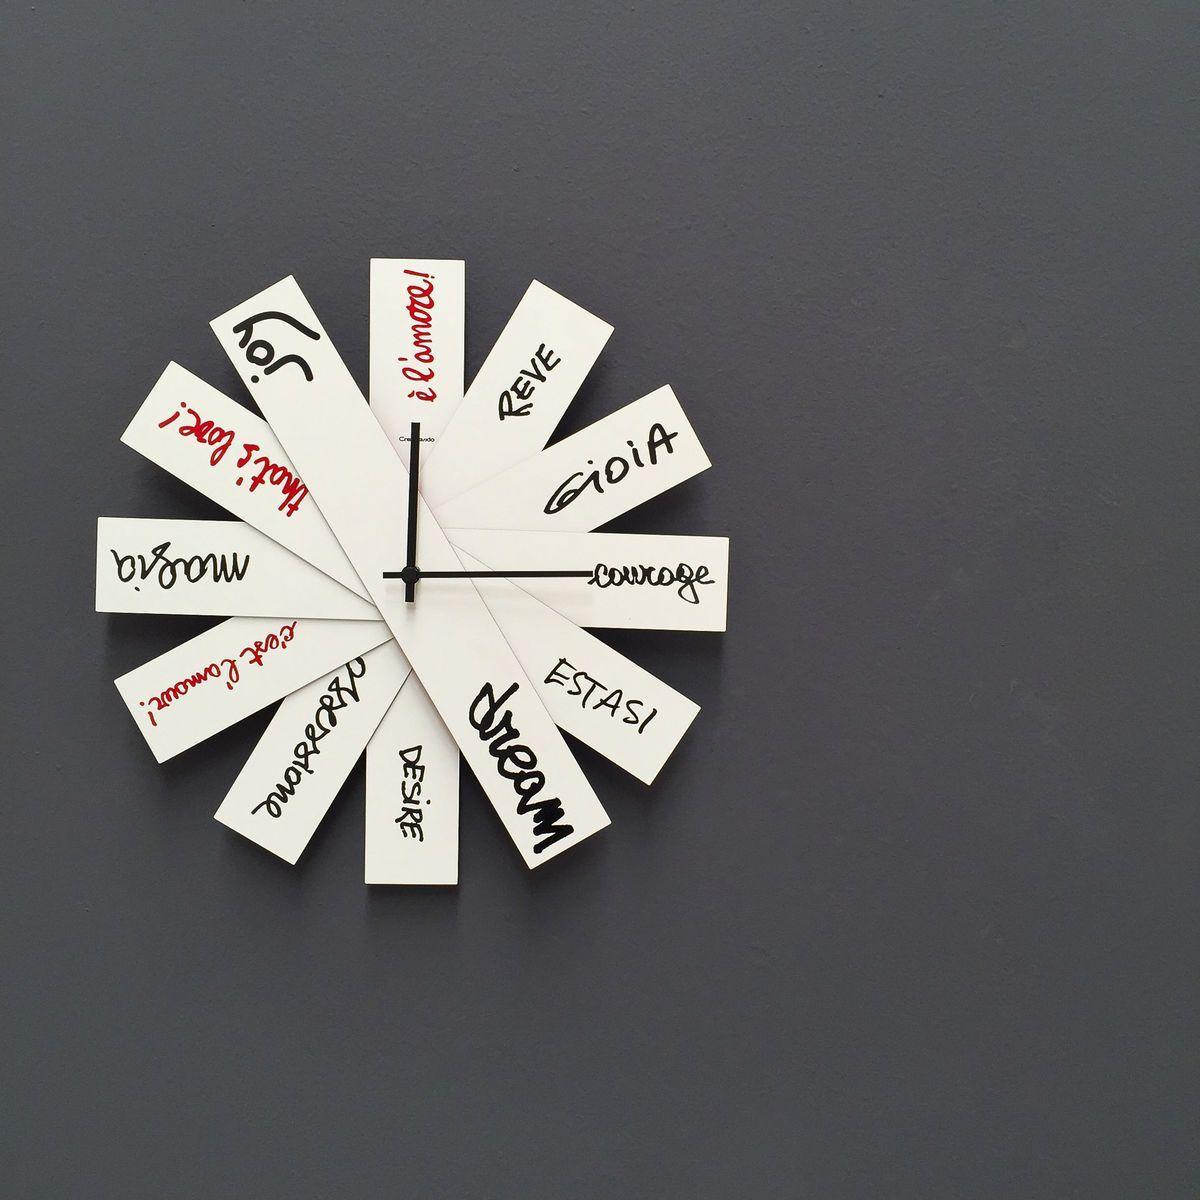 Orologio da parete circolare a ventaglio richiudibile con lancette nere e testo nero o rosso